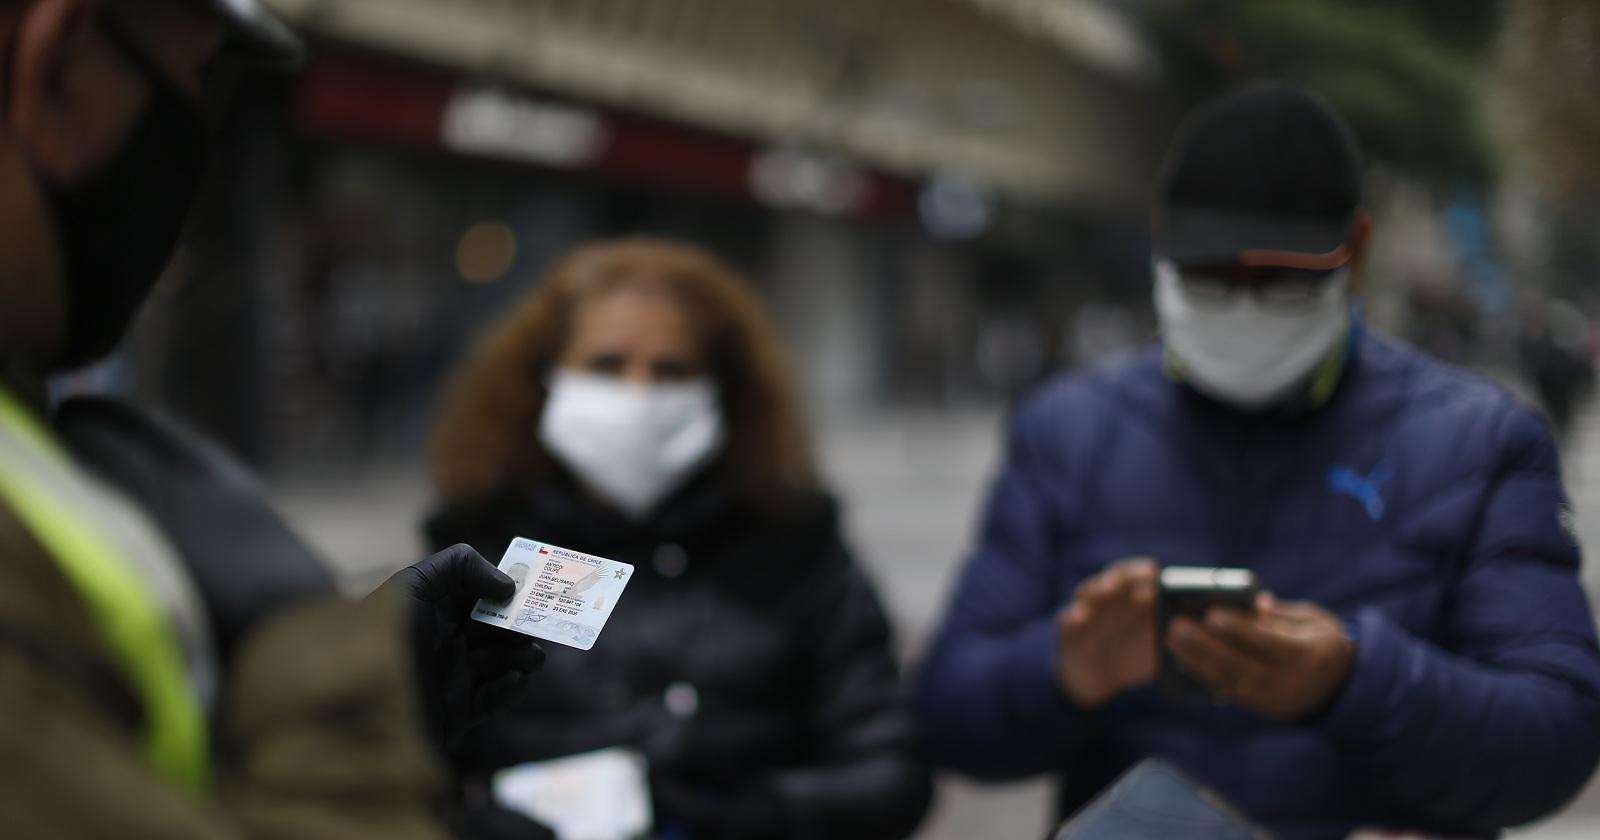 Permiso Colectivo pone en alerta a Carabineros: investigan falsificaciones